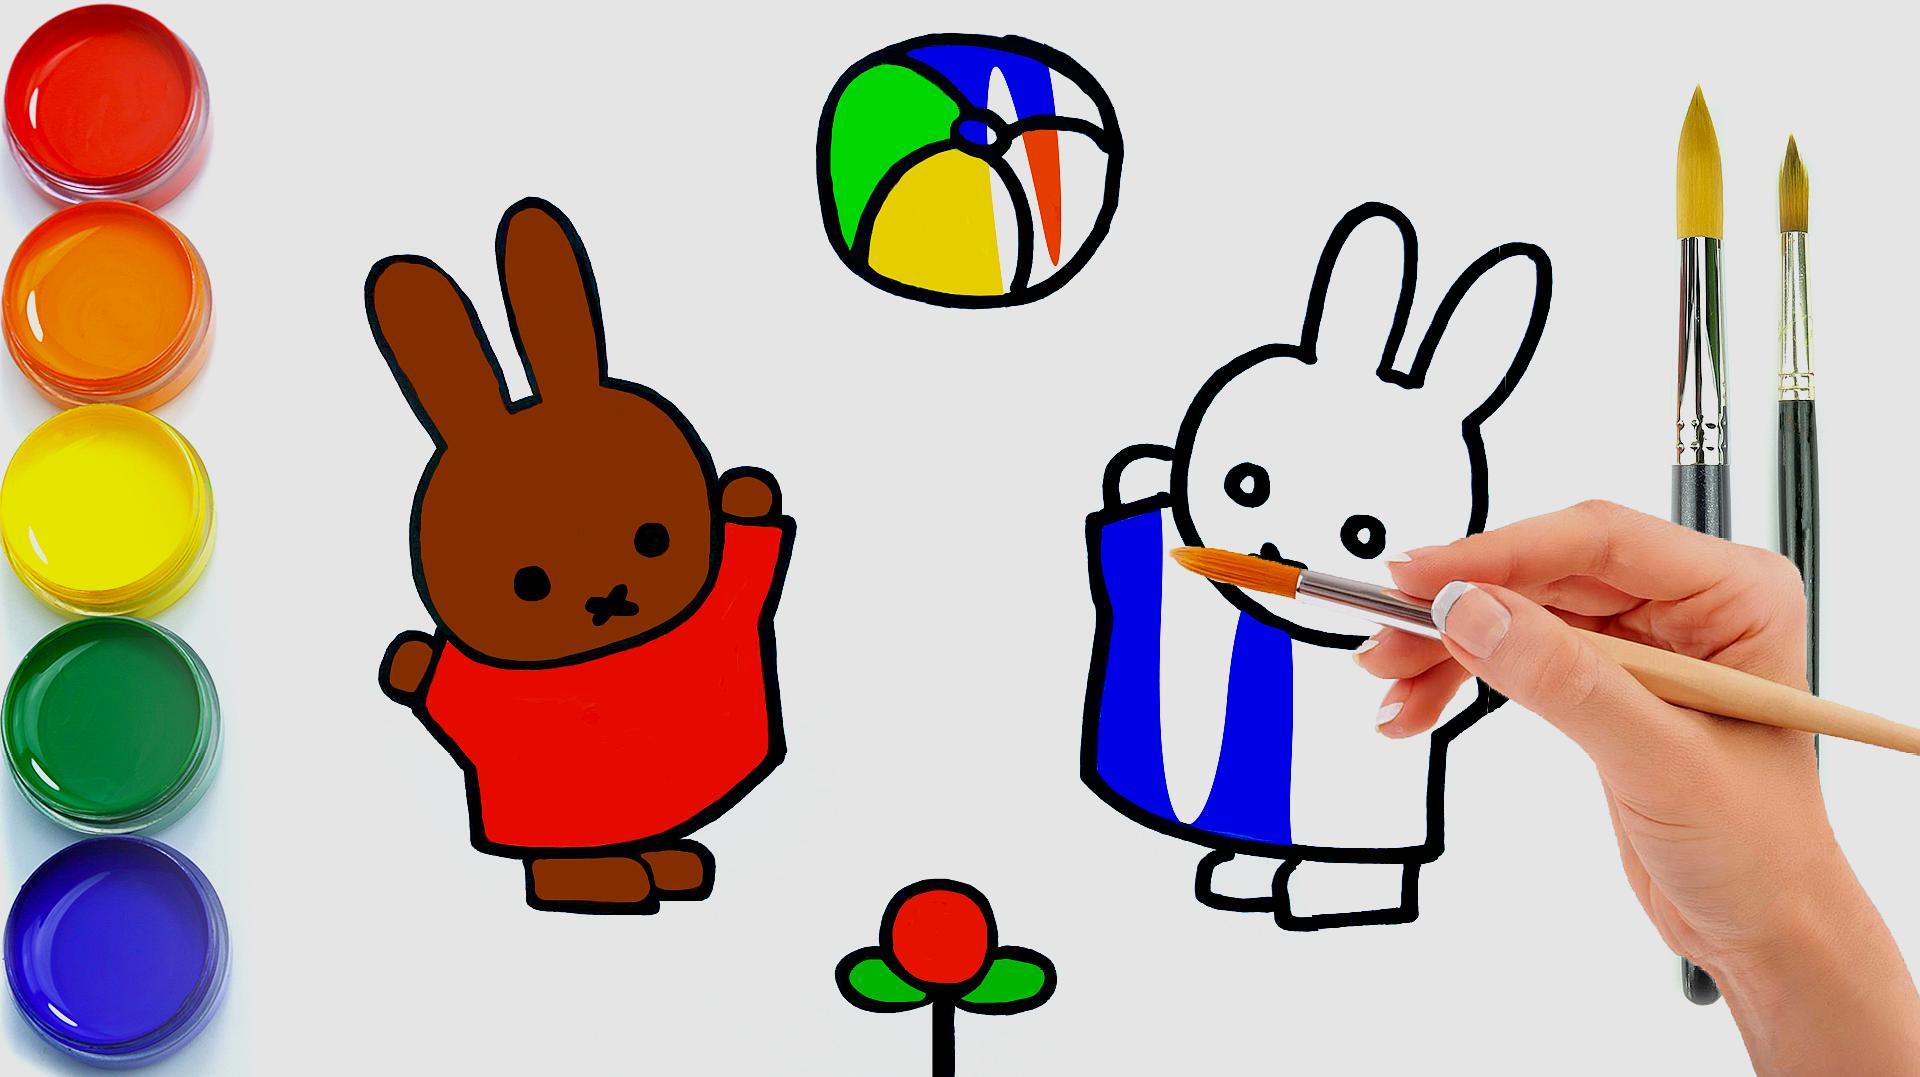 00:39  来源:爱奇艺-画画美术课堂:今天教小朋友画彩色米菲兔 服务